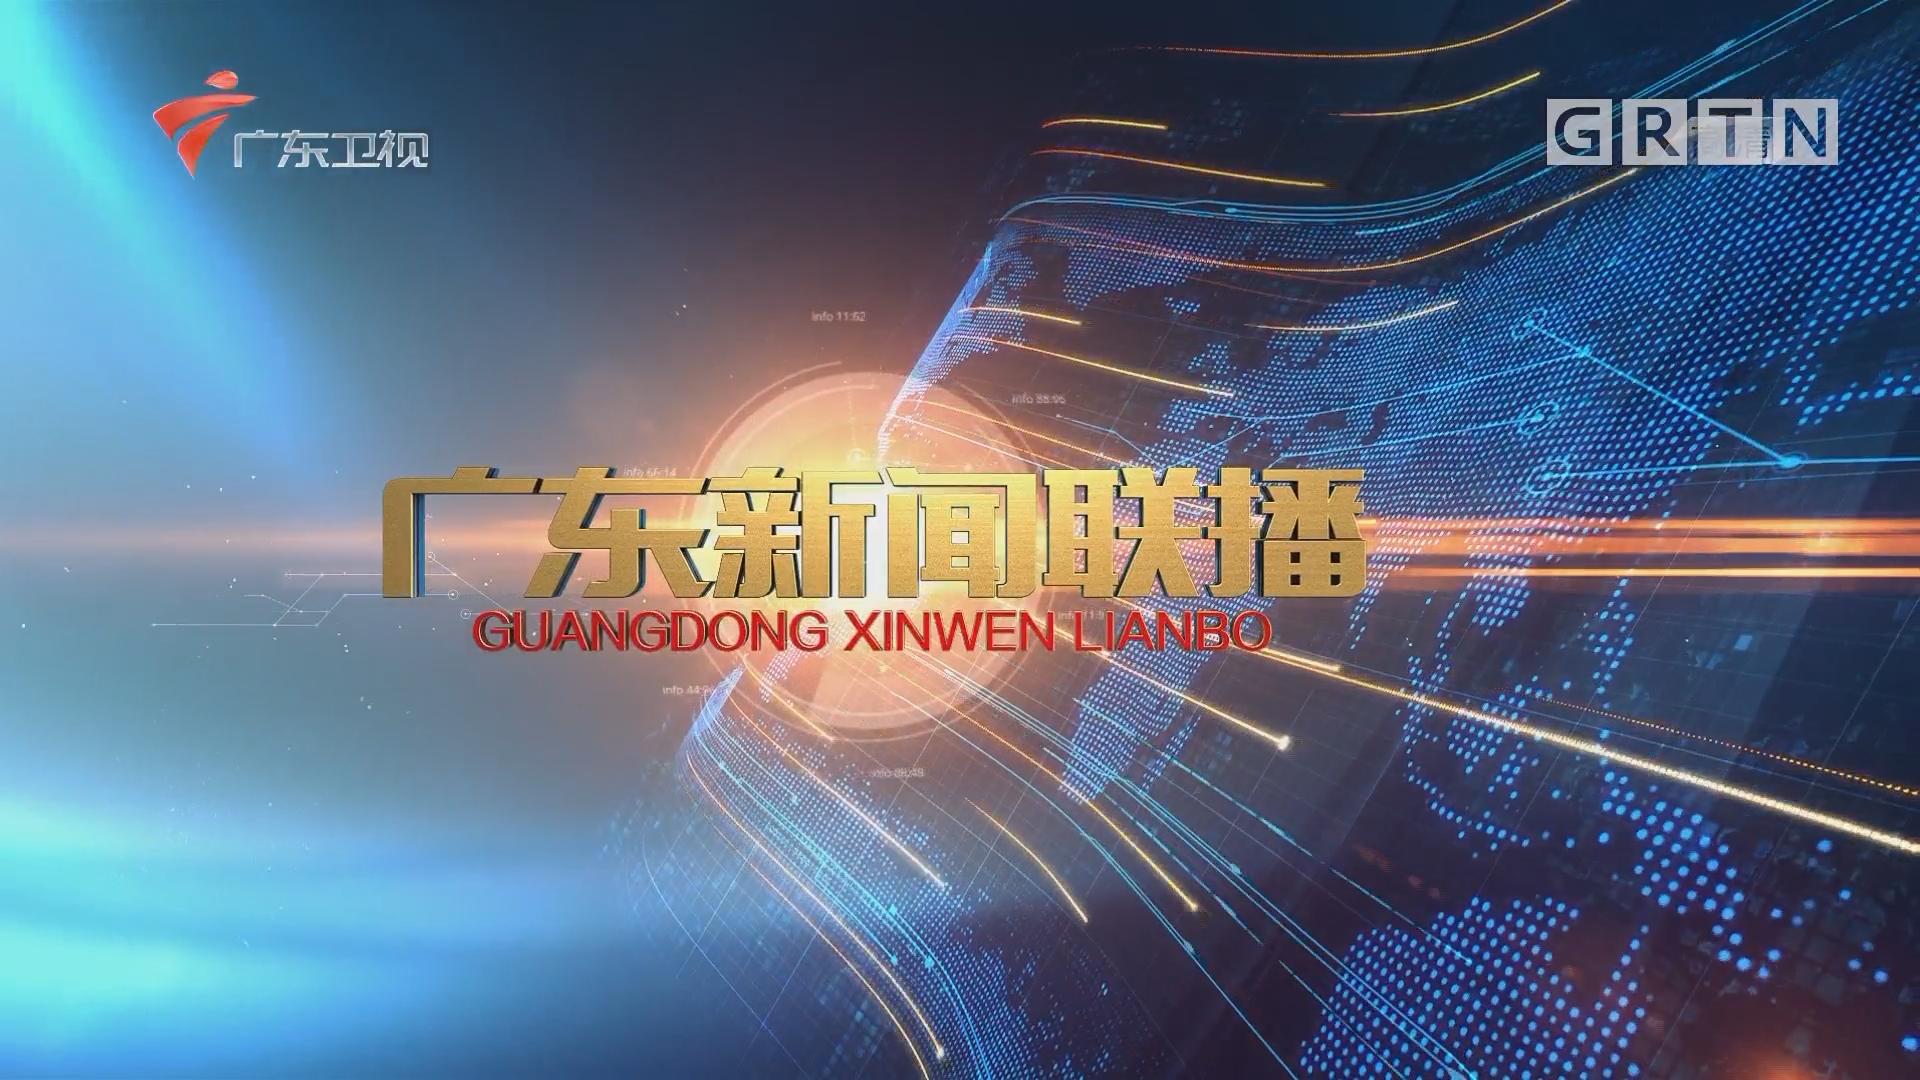 [HD][2018-04-11]广东新闻联播:人民日报评论员文章:改革开放深刻改变中国深刻影响世界——一论习近平主席博鳌亚洲论坛主旨演讲